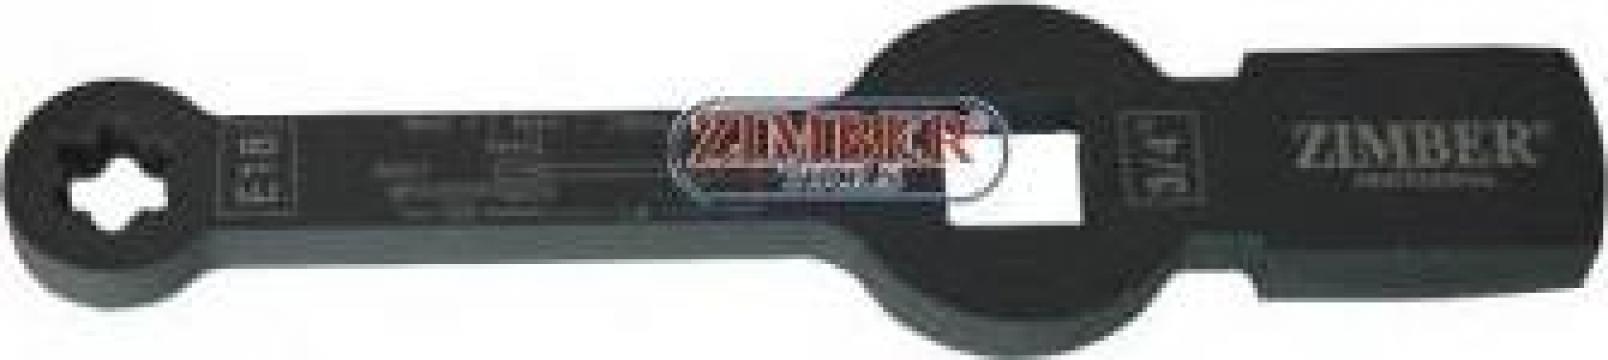 Cheie inelara Torx E18 impact pentru etrier camioane MAN de la Zimber Tools